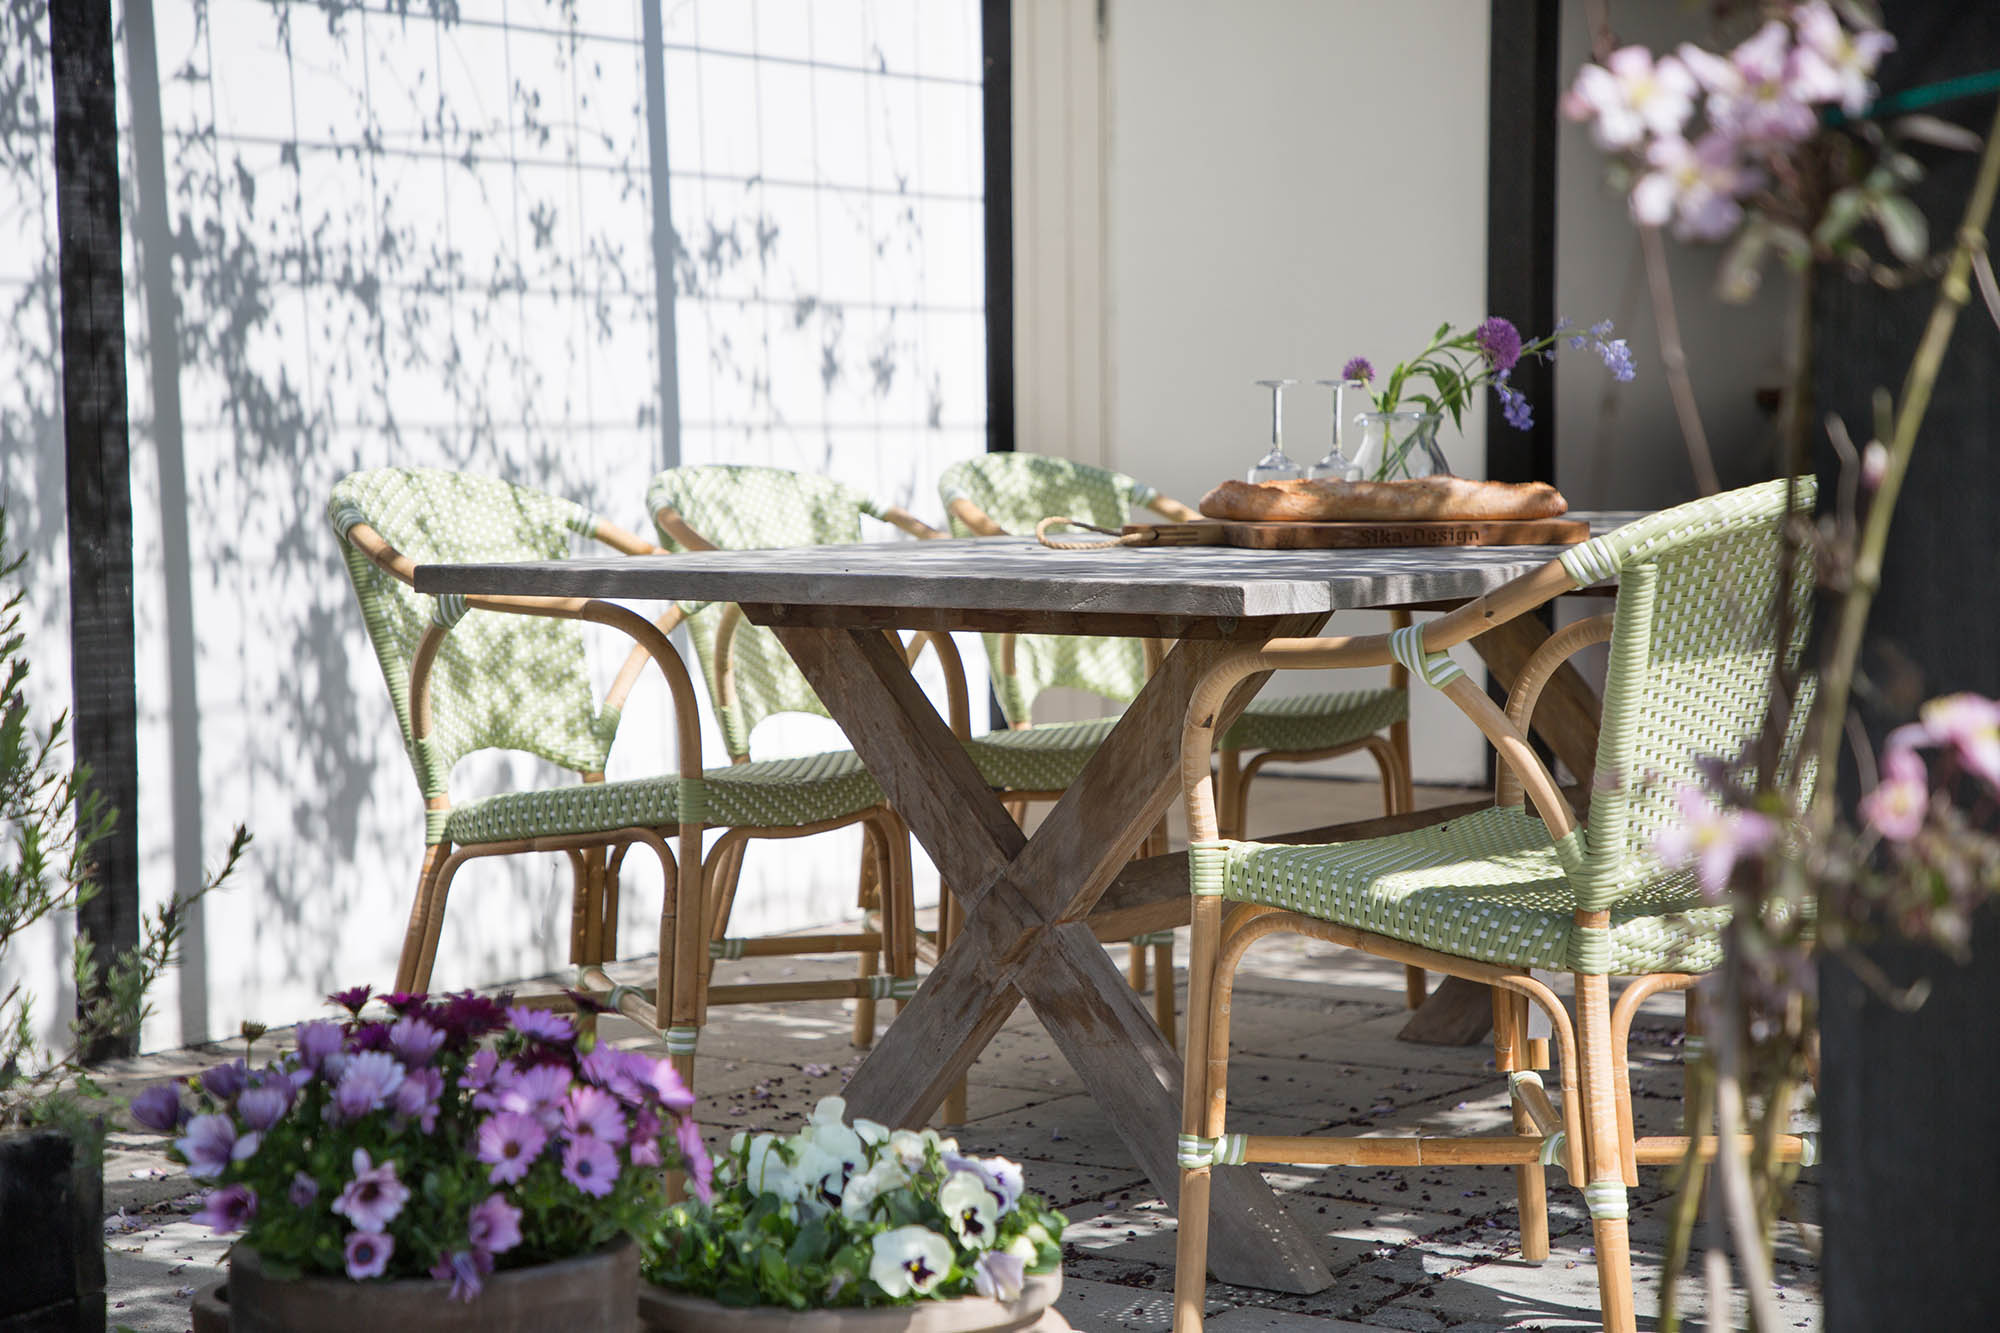 Valeri karmstoli rotting och konstrotting med Colonial matbord i teak, från Sika-Design.